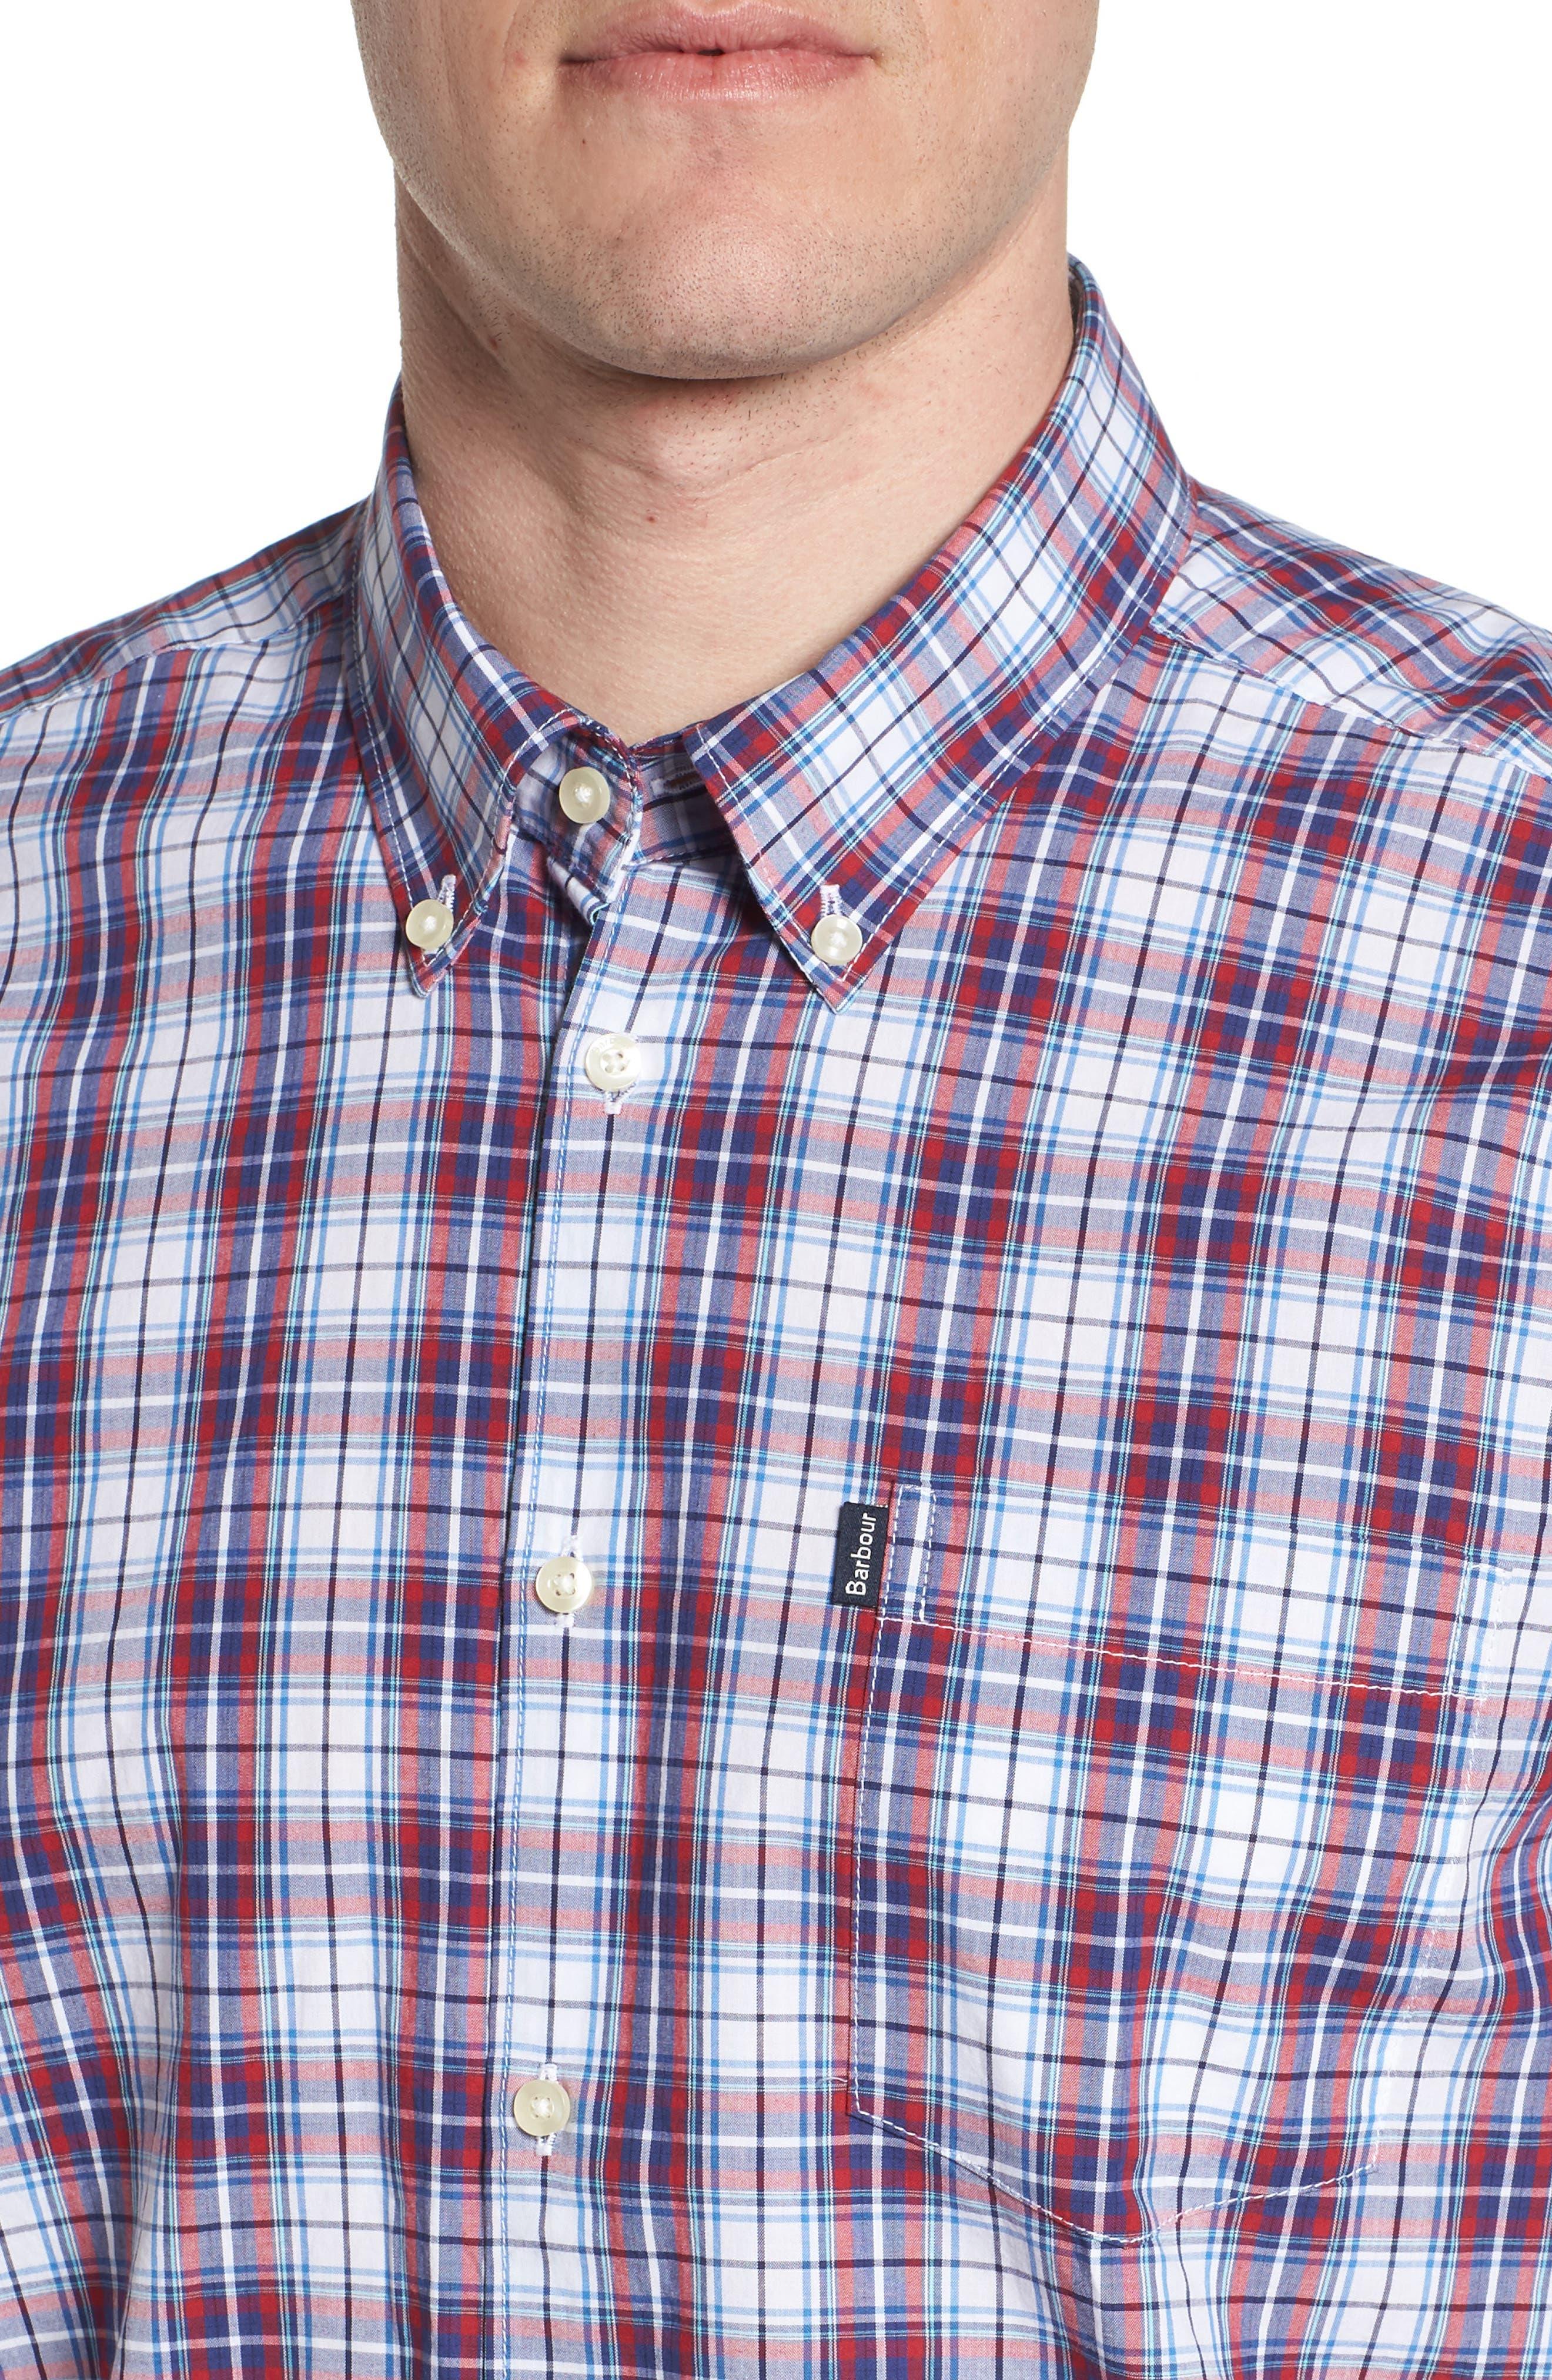 Leo Trim Fit Plaid Sport Shirt,                             Alternate thumbnail 4, color,                             Red